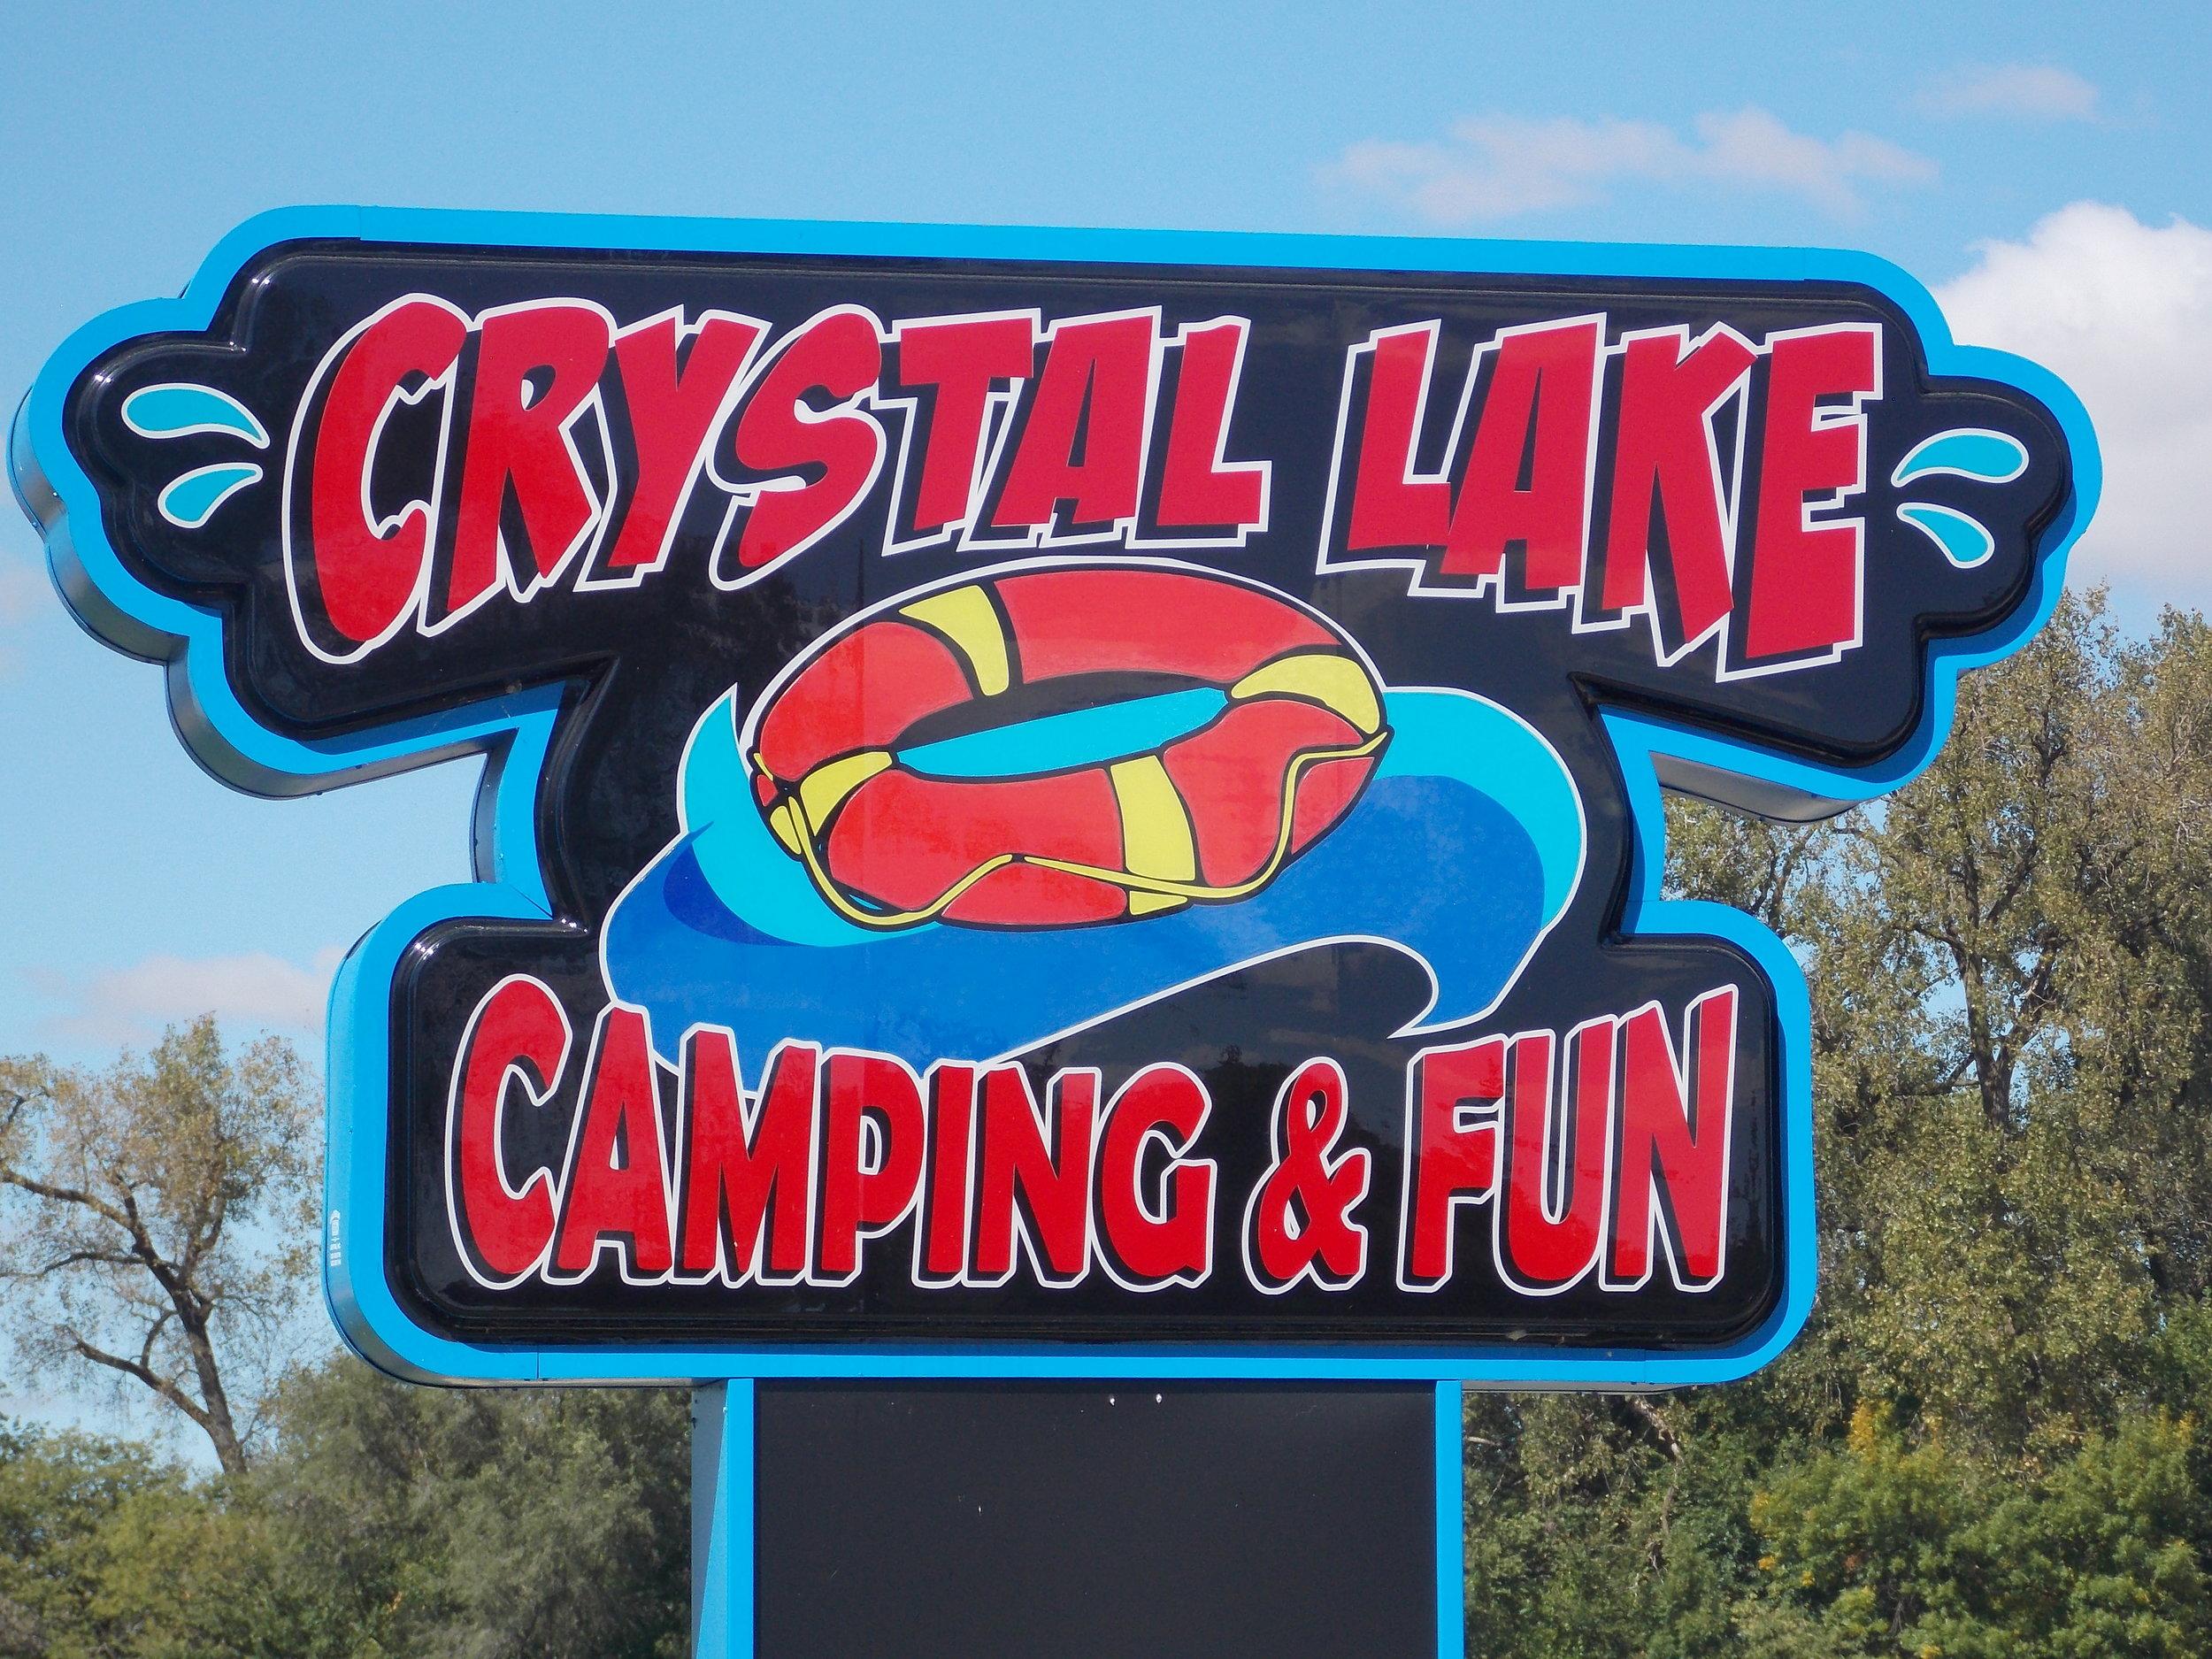 Crystal Lake Camping & Fun - Rock Falls IL